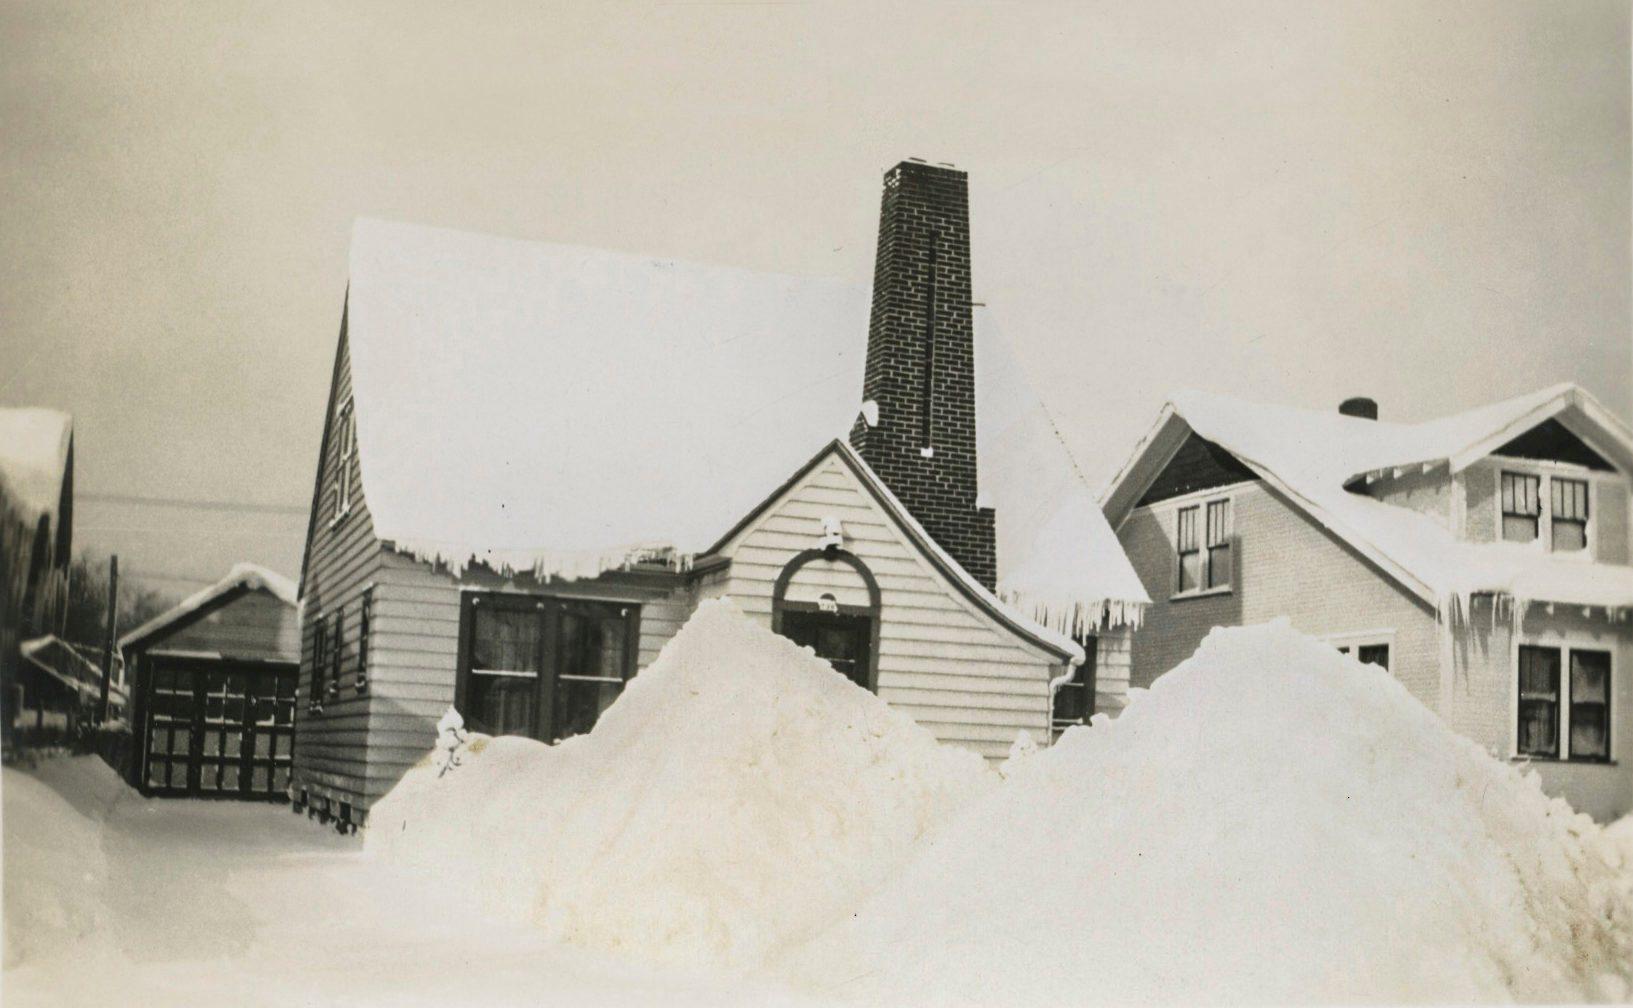 Winter 1939-Muskegon Heights, MI